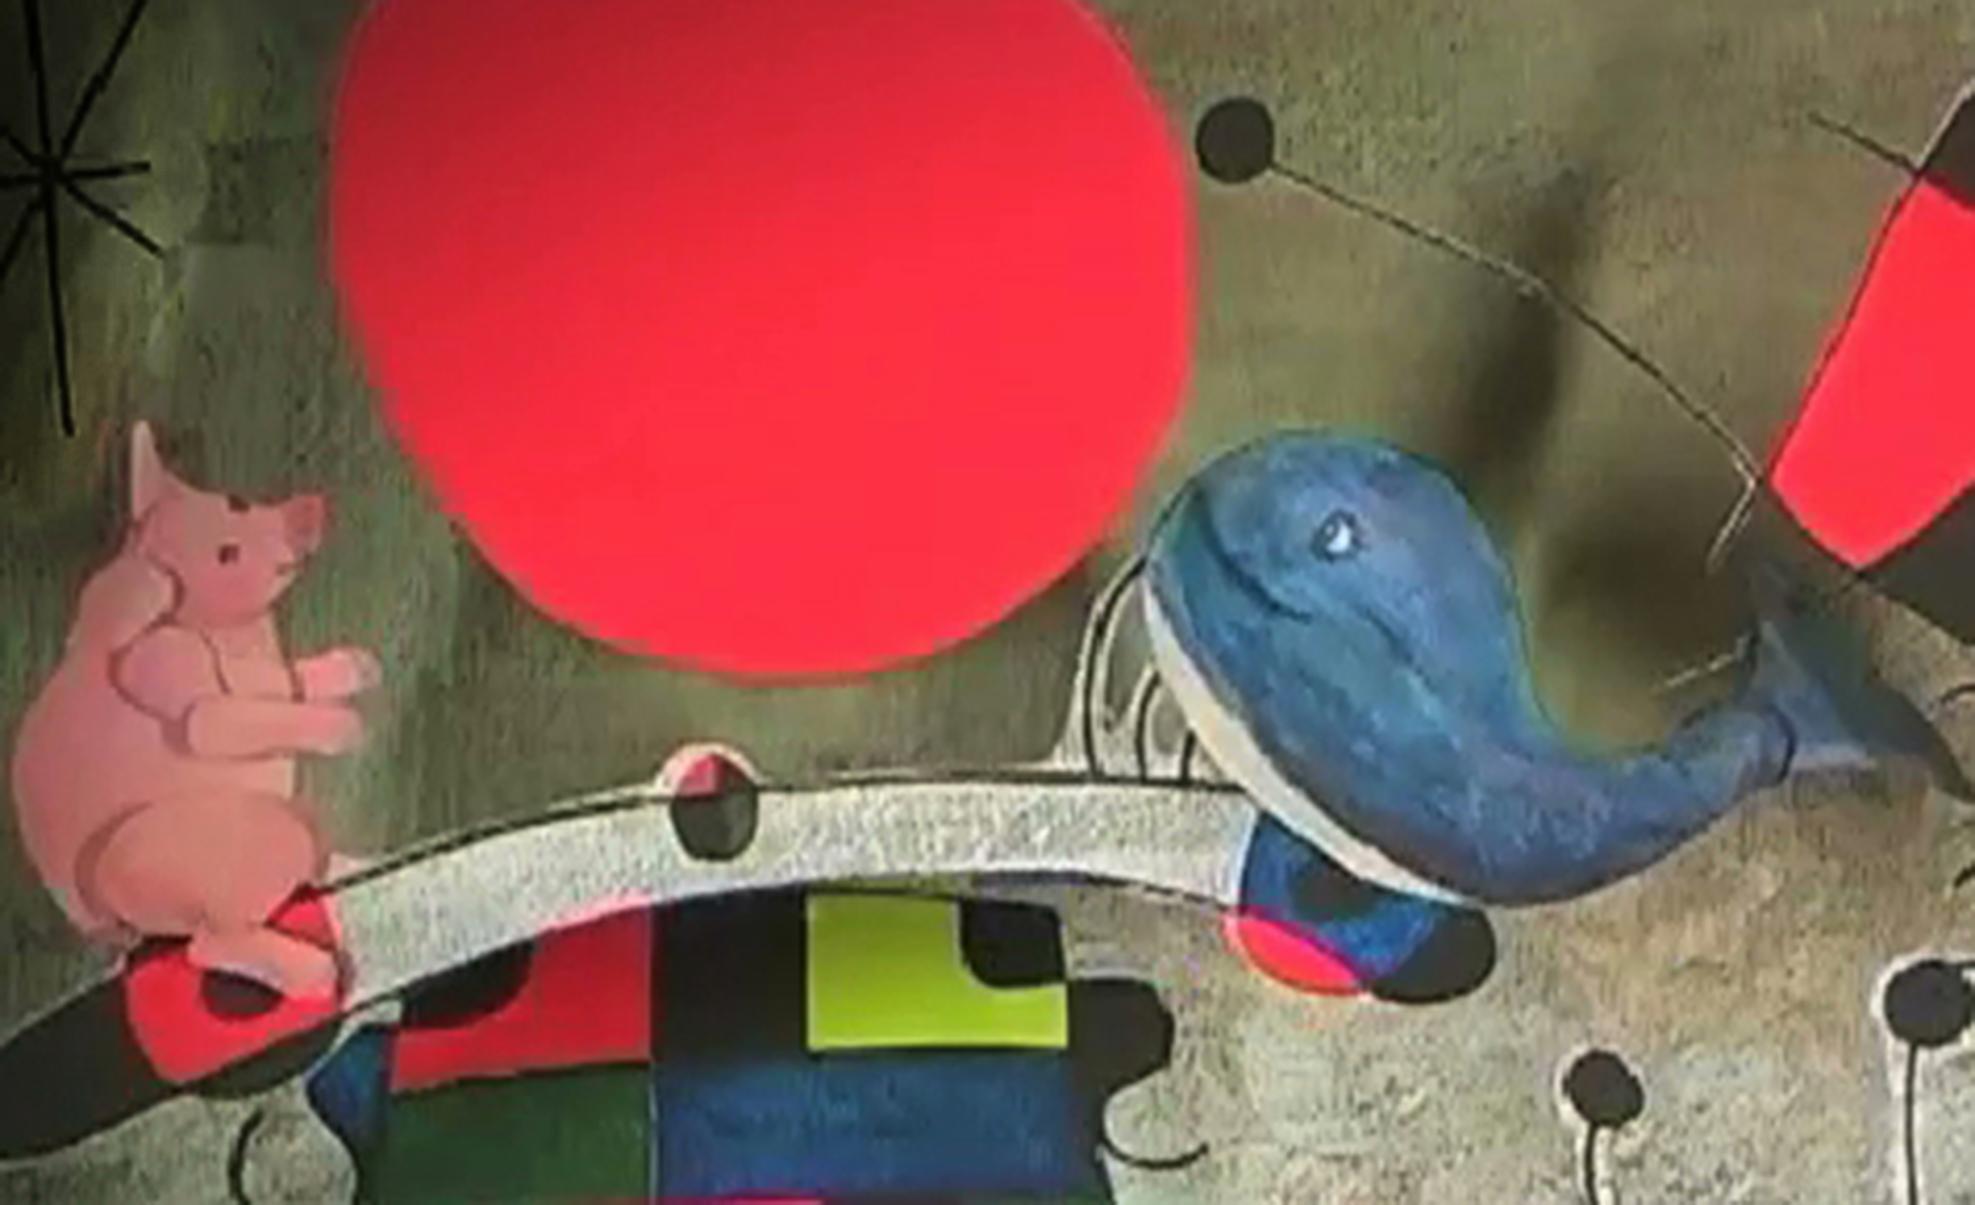 Schwein und ein Wal, montiert in ein Werk von Joan Miro.